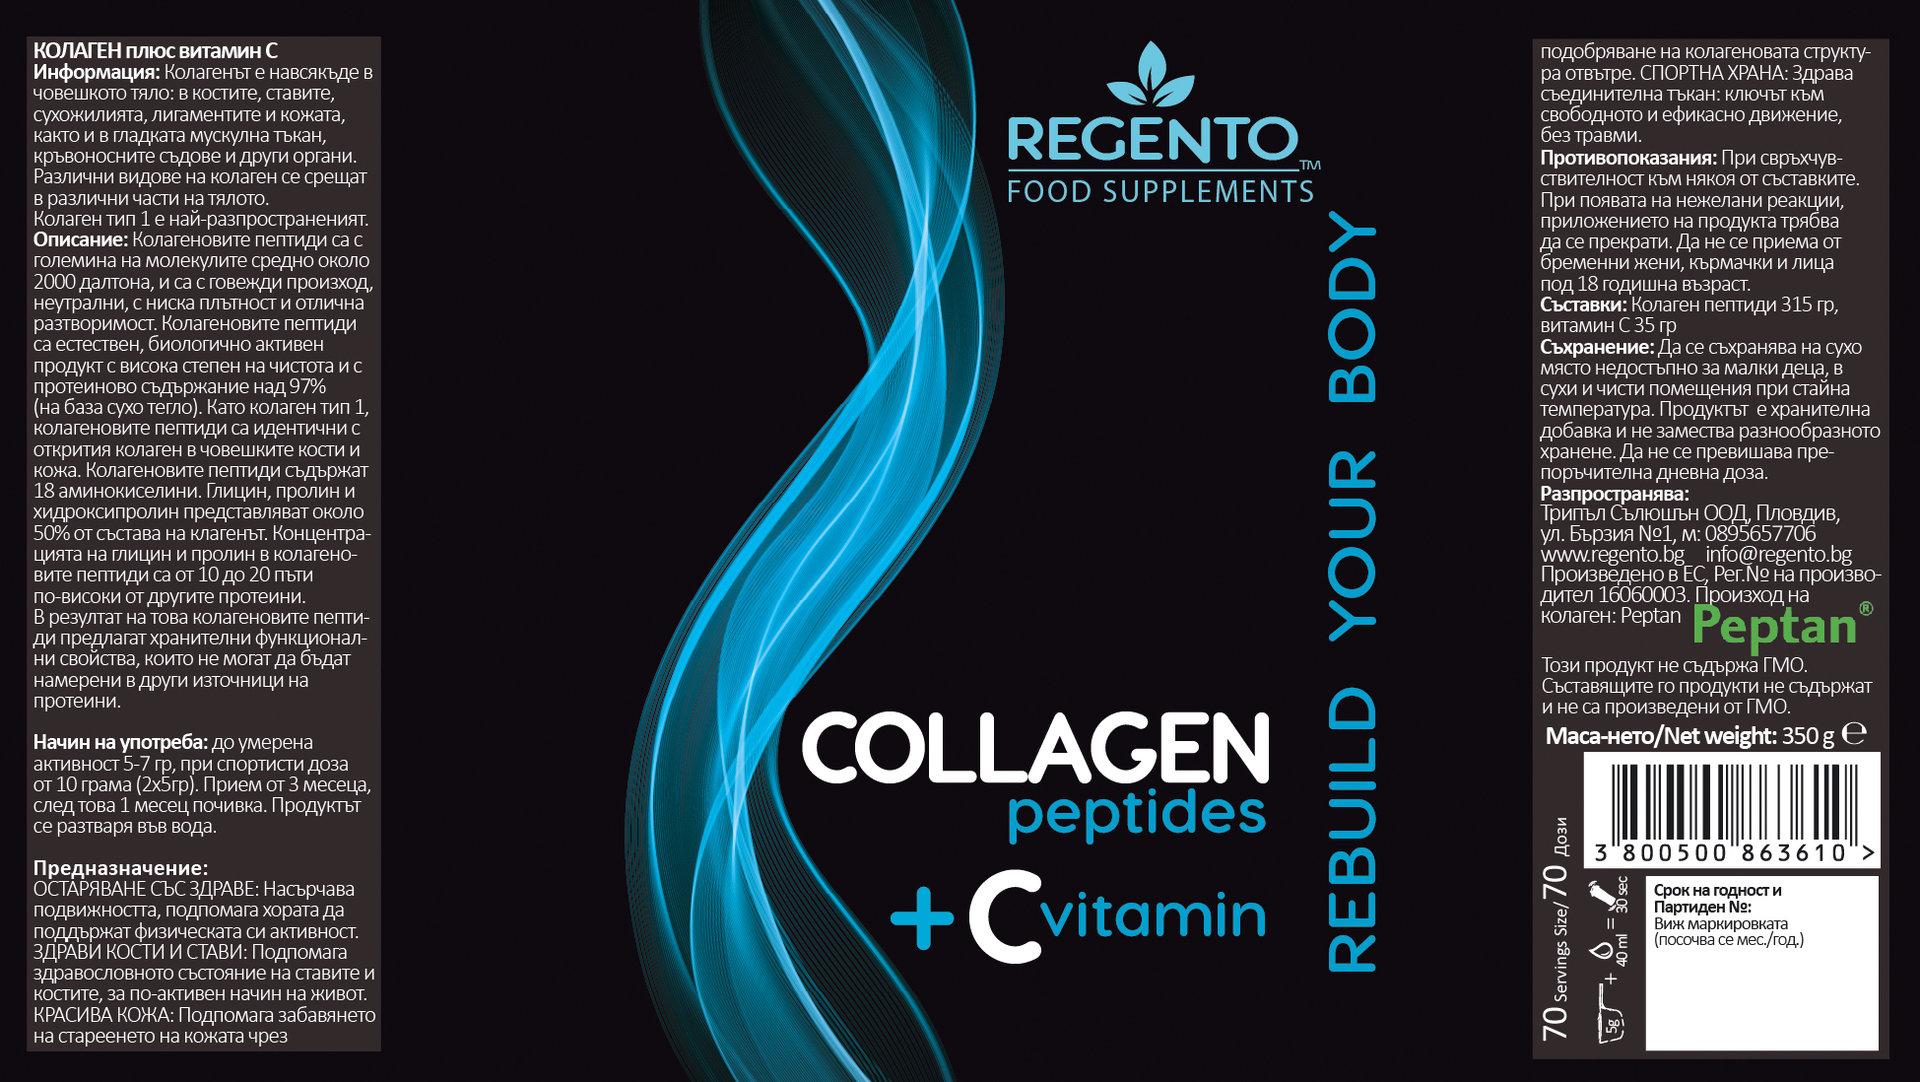 REGENTO COLLAGEN WITH VITAMIN C 350g